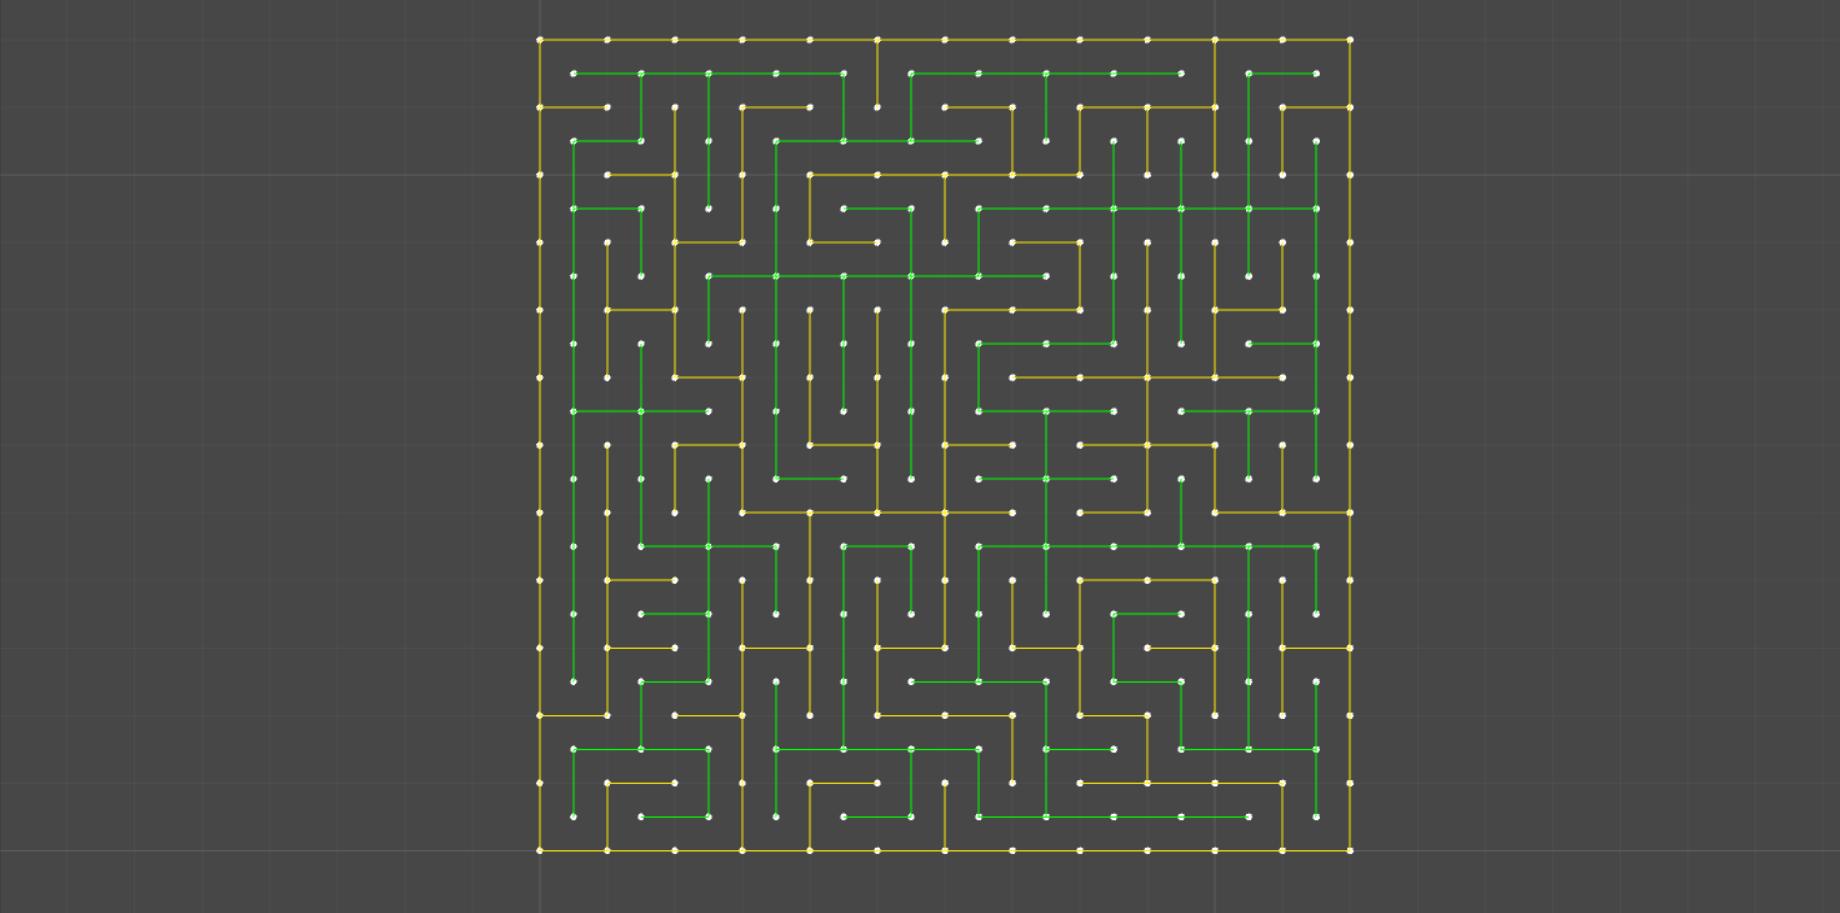 Генерация лабиринта алгоритмом Эллера в Unity - 2